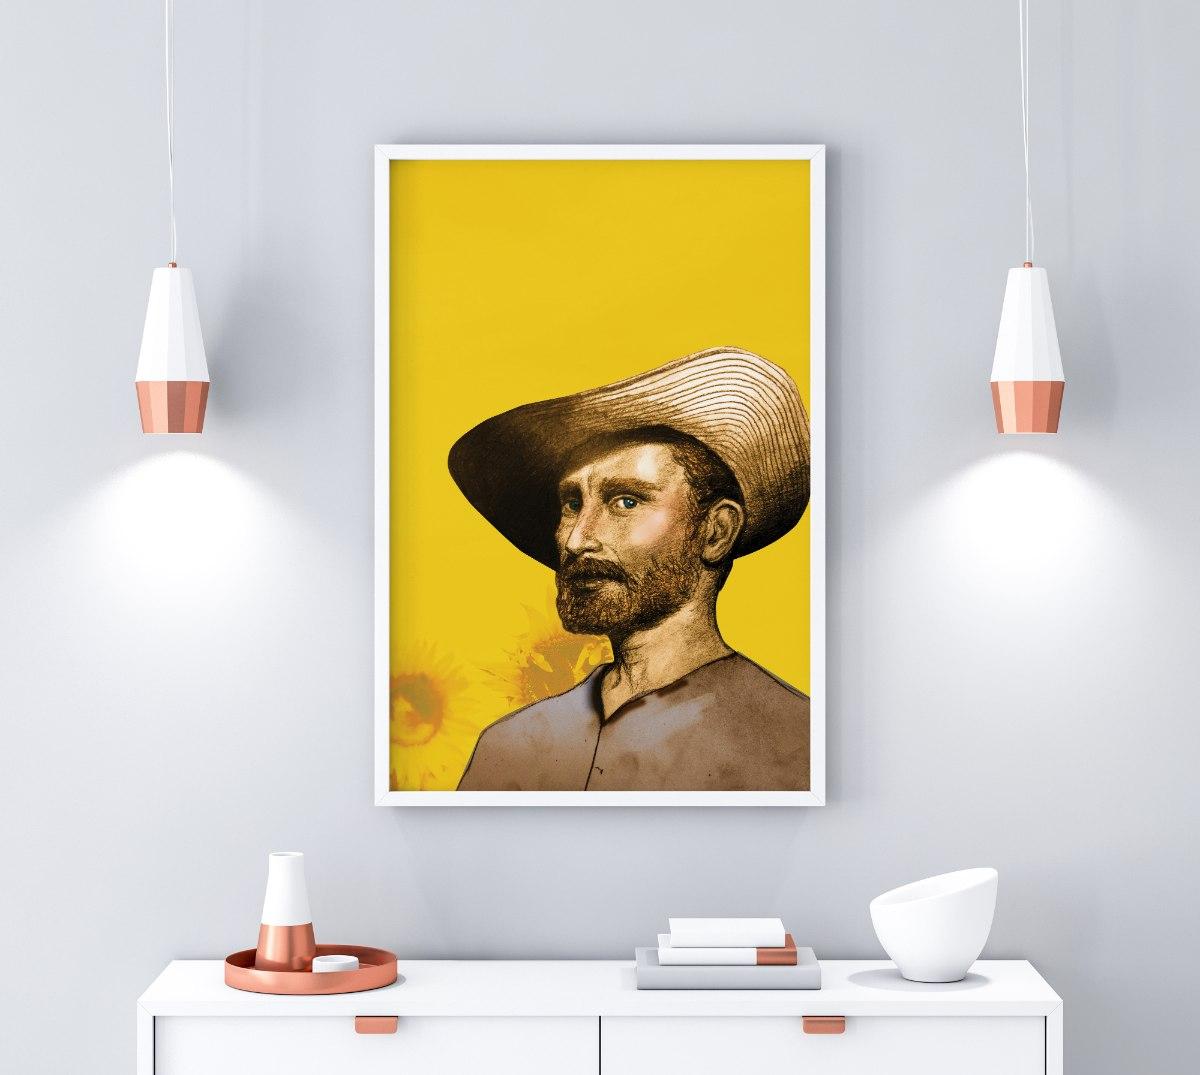 הדפס ציור ואן גוך